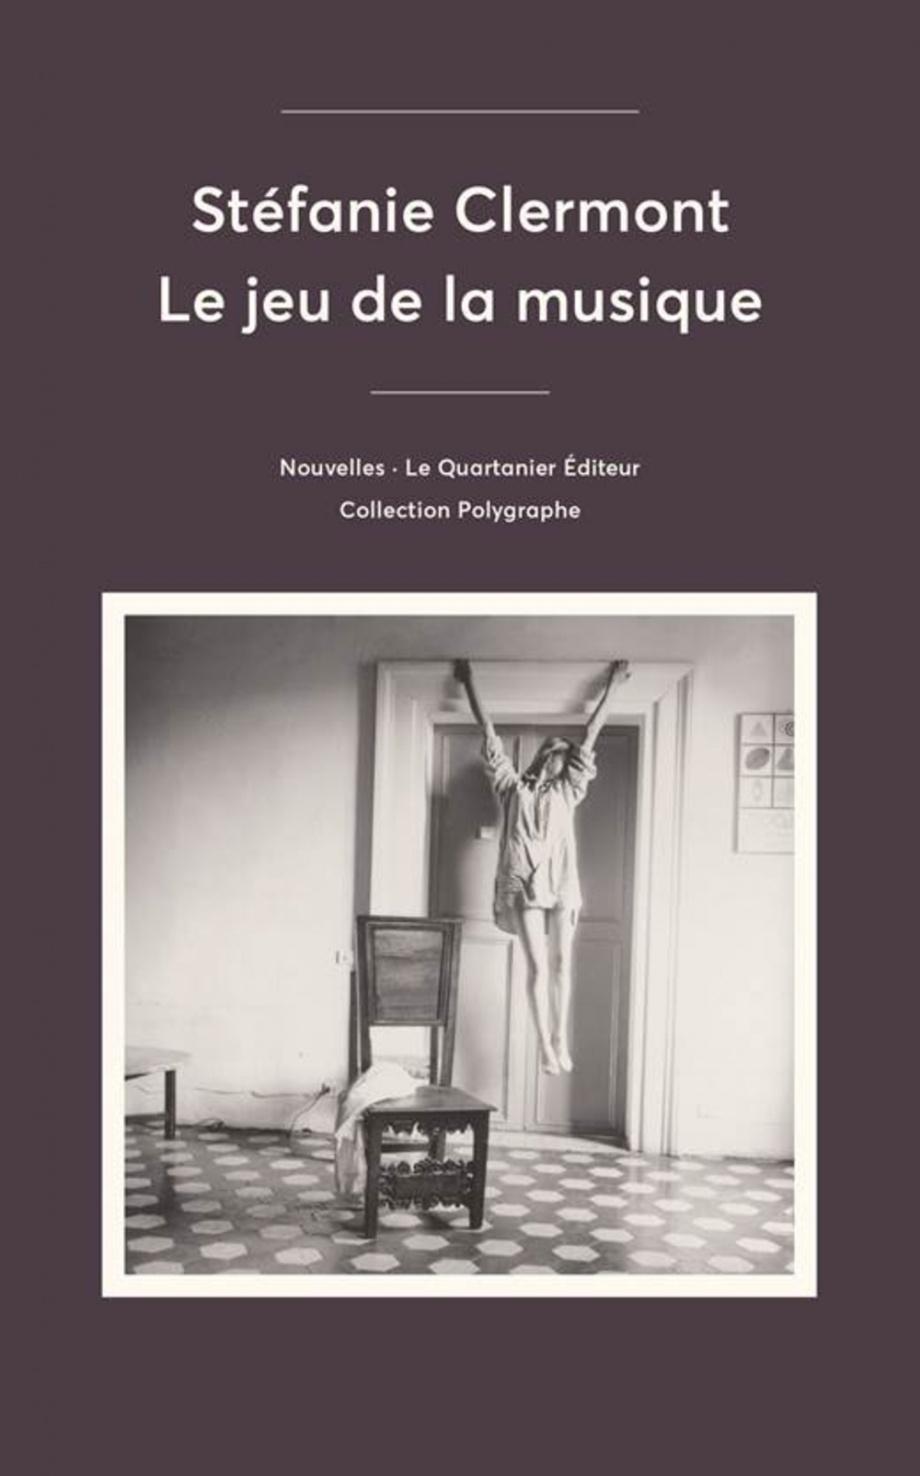 Toute La Musique Que J Aime Auteur : toute, musique, auteur, Musique, Stéfanie, Clermont, Littérature, Nouvelles/Lettres, Leslibraires.ca